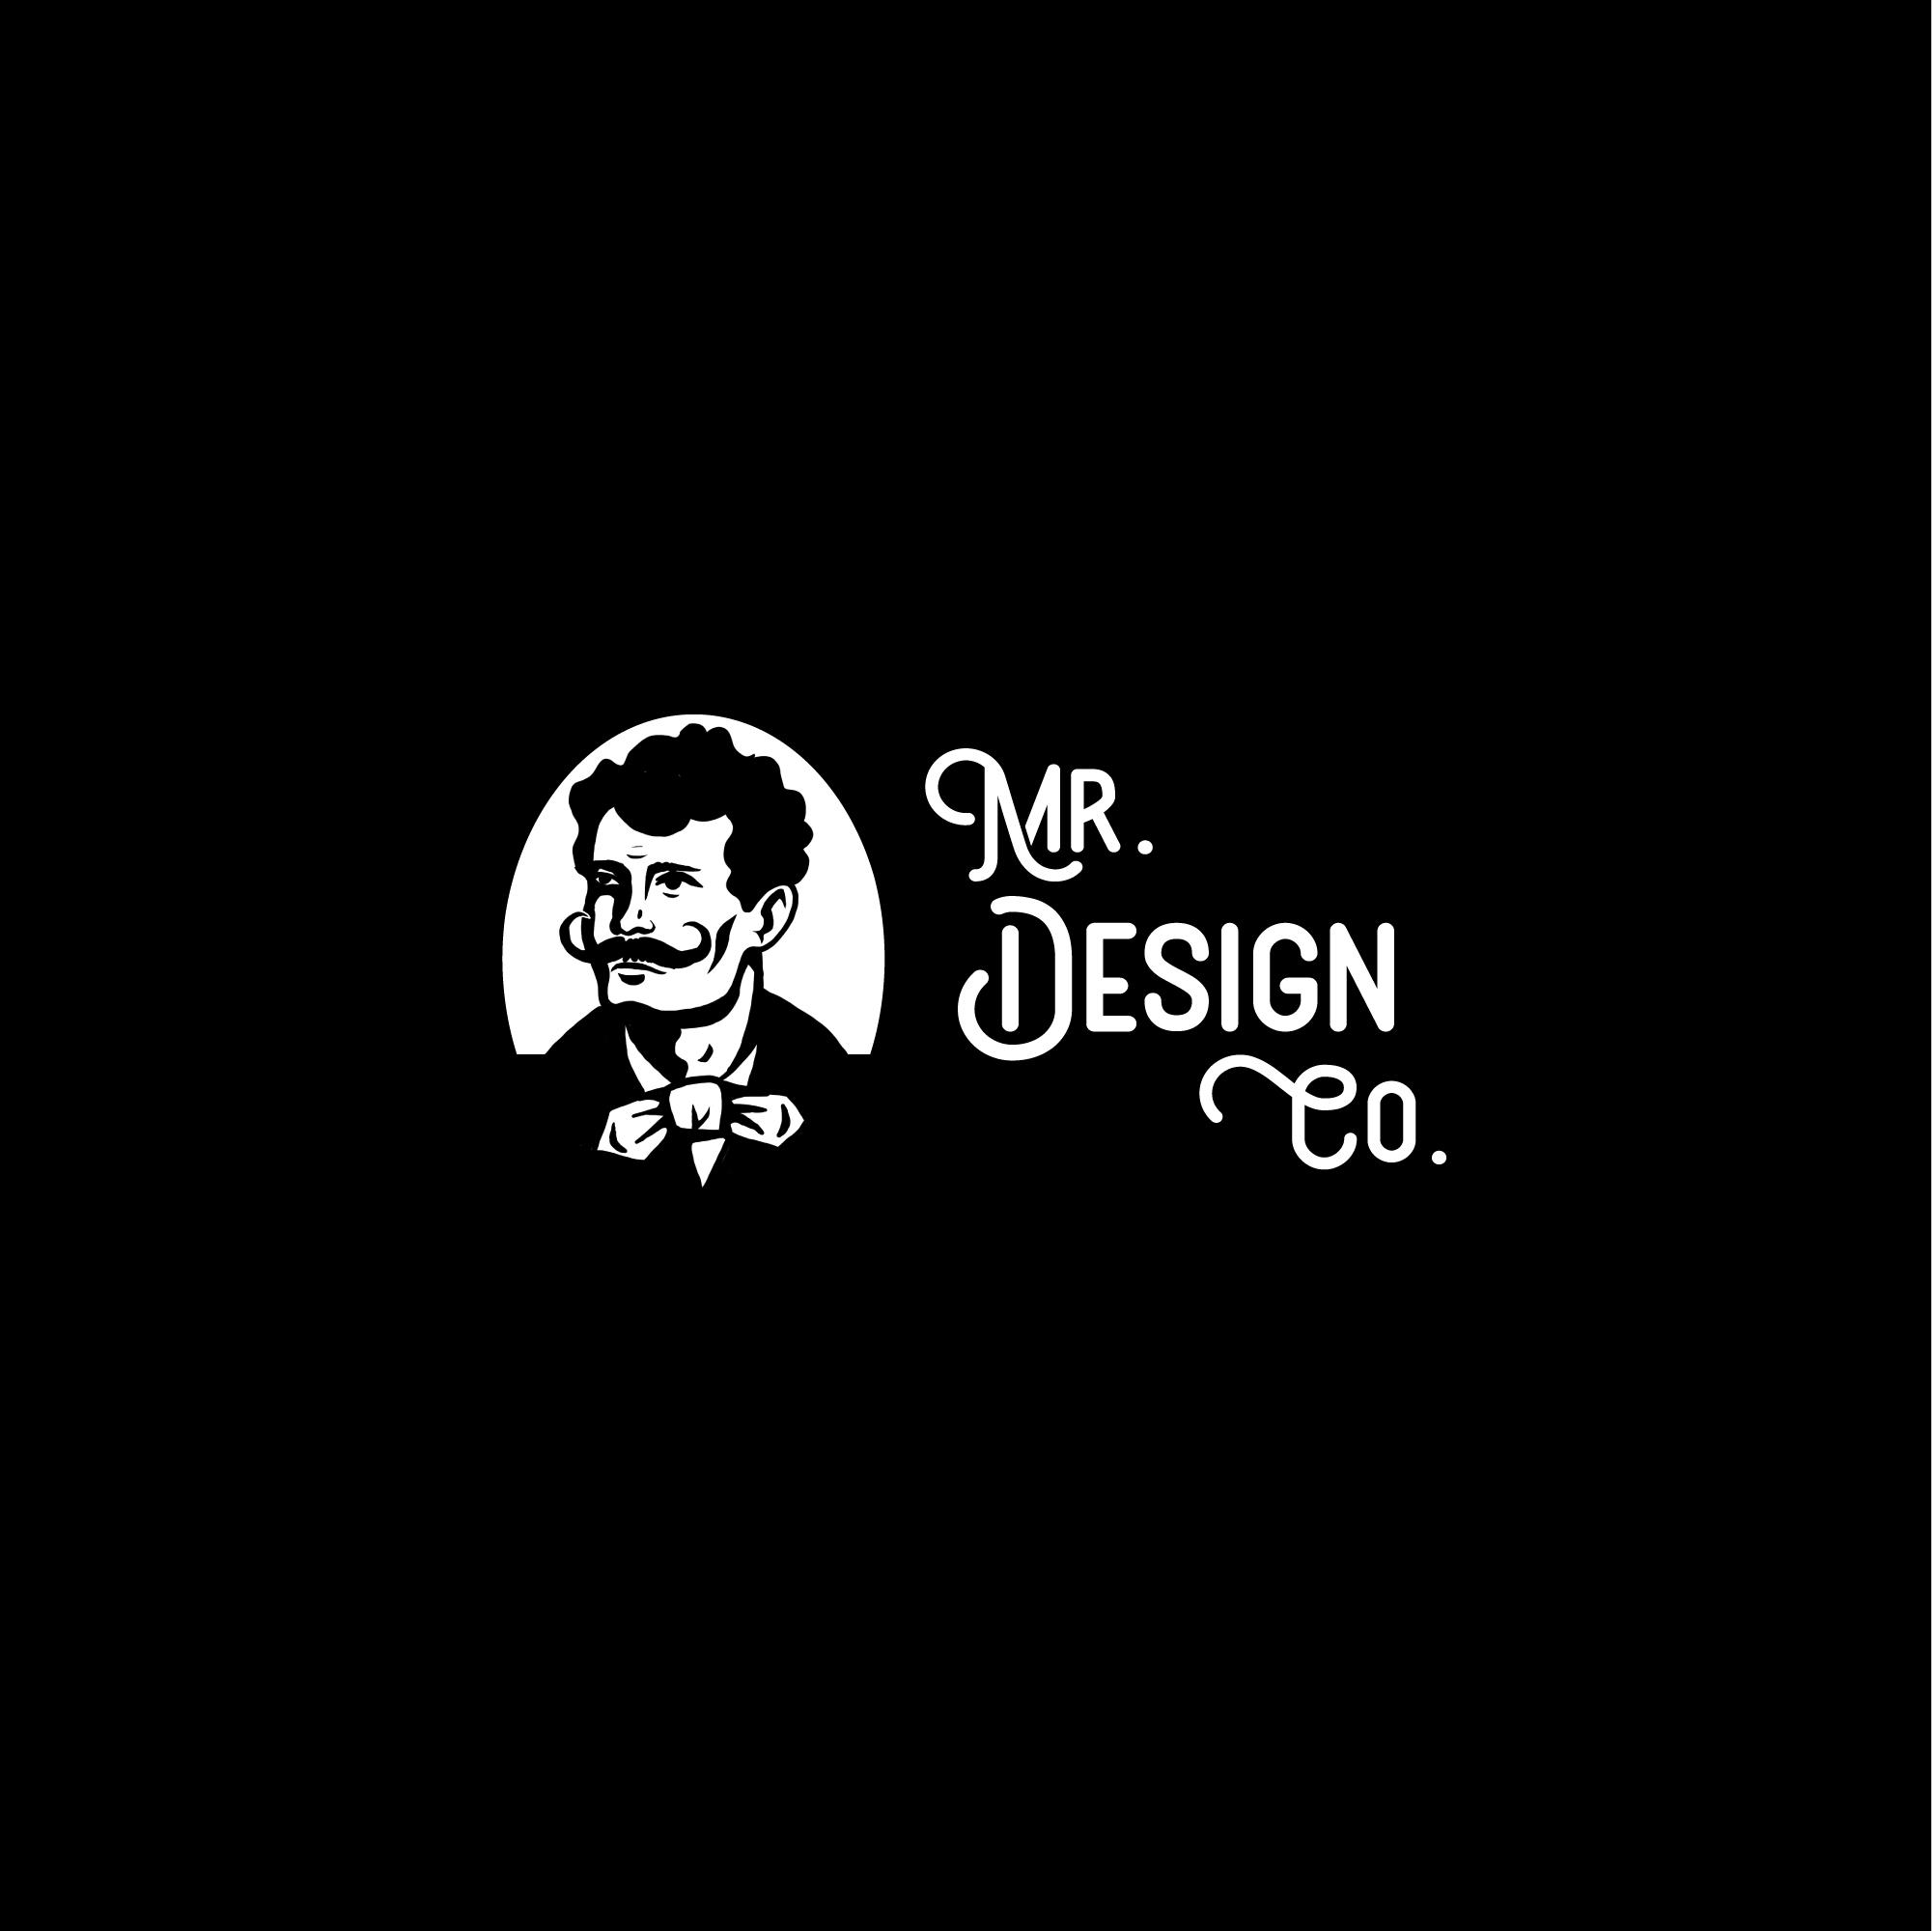 Mr. Design Co-03.jpg